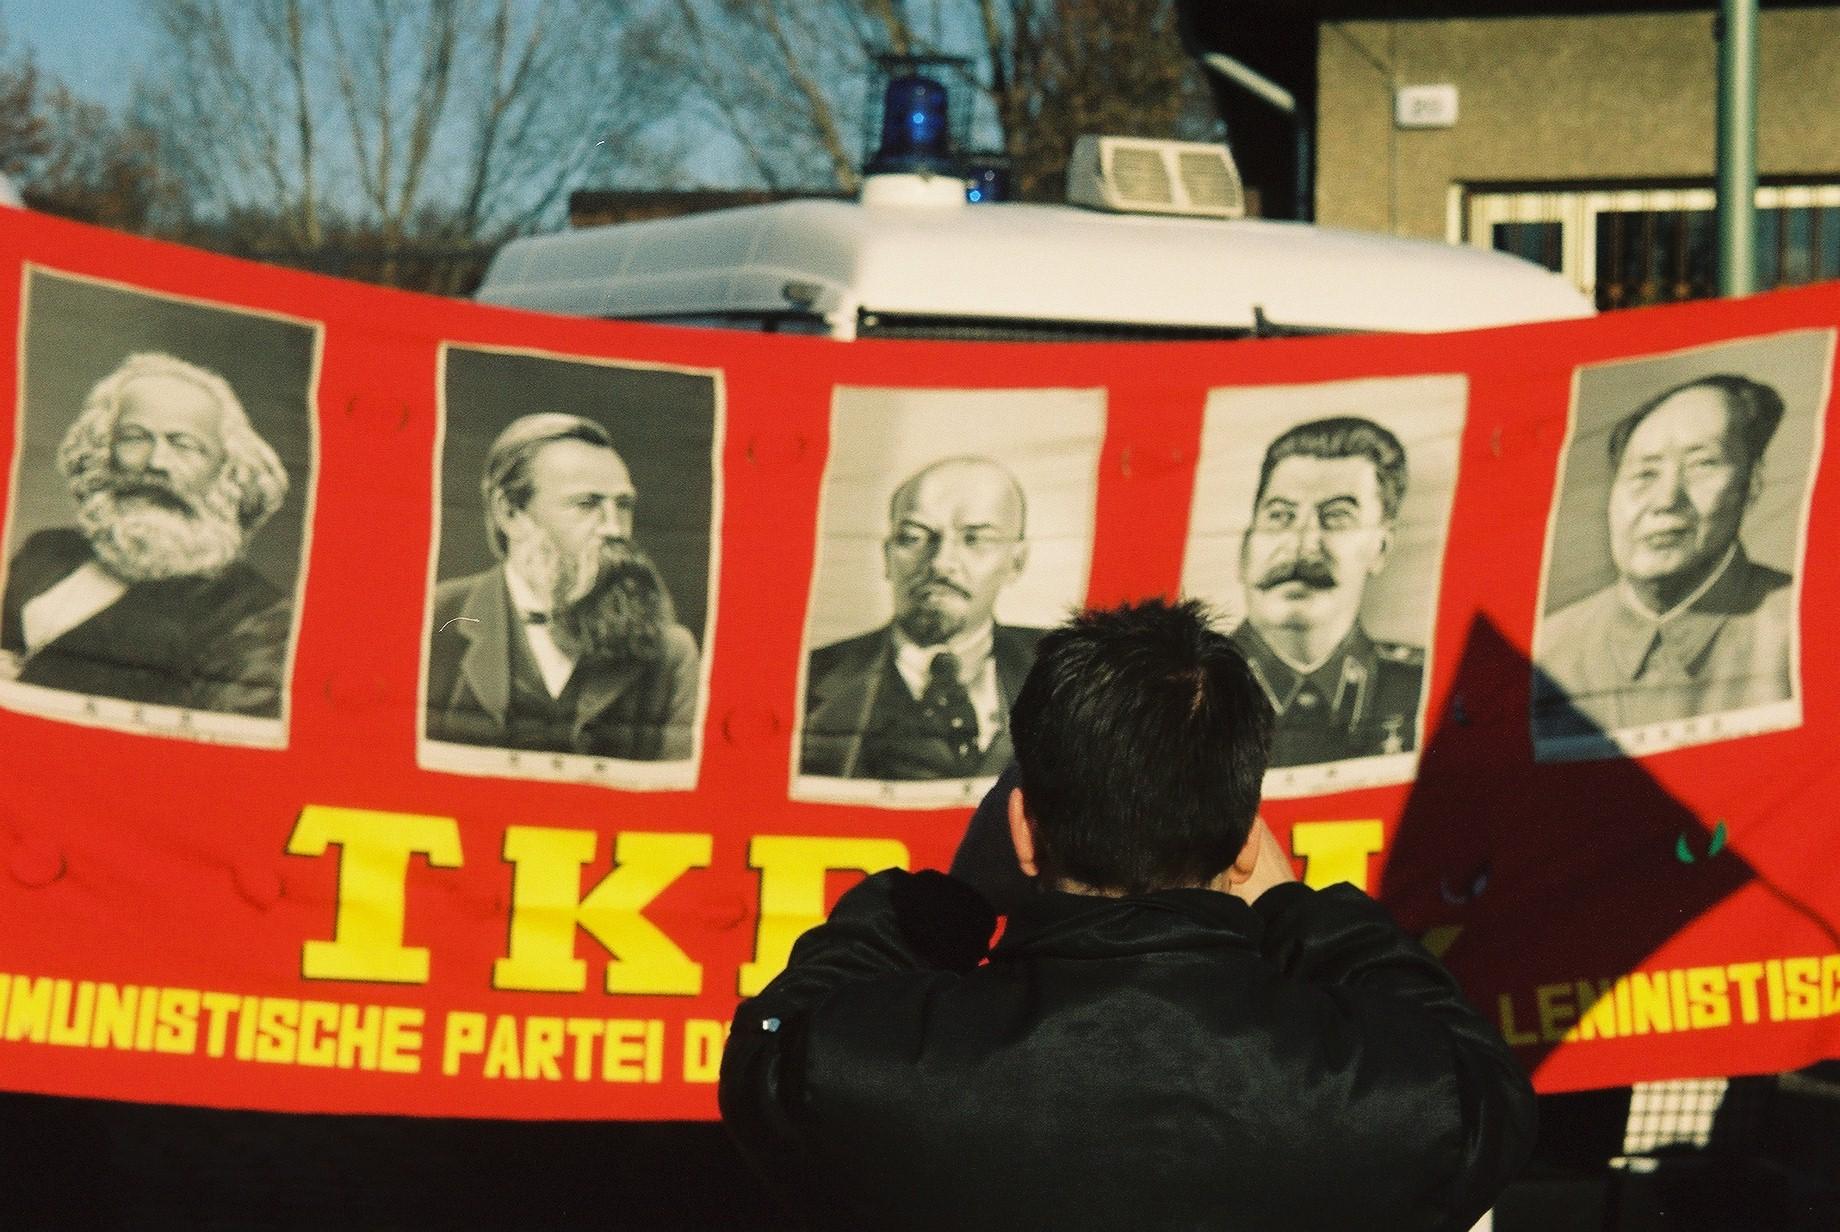 Bildergebnis für stalin Opfer Gedenken in  Berlin Friedrichshain